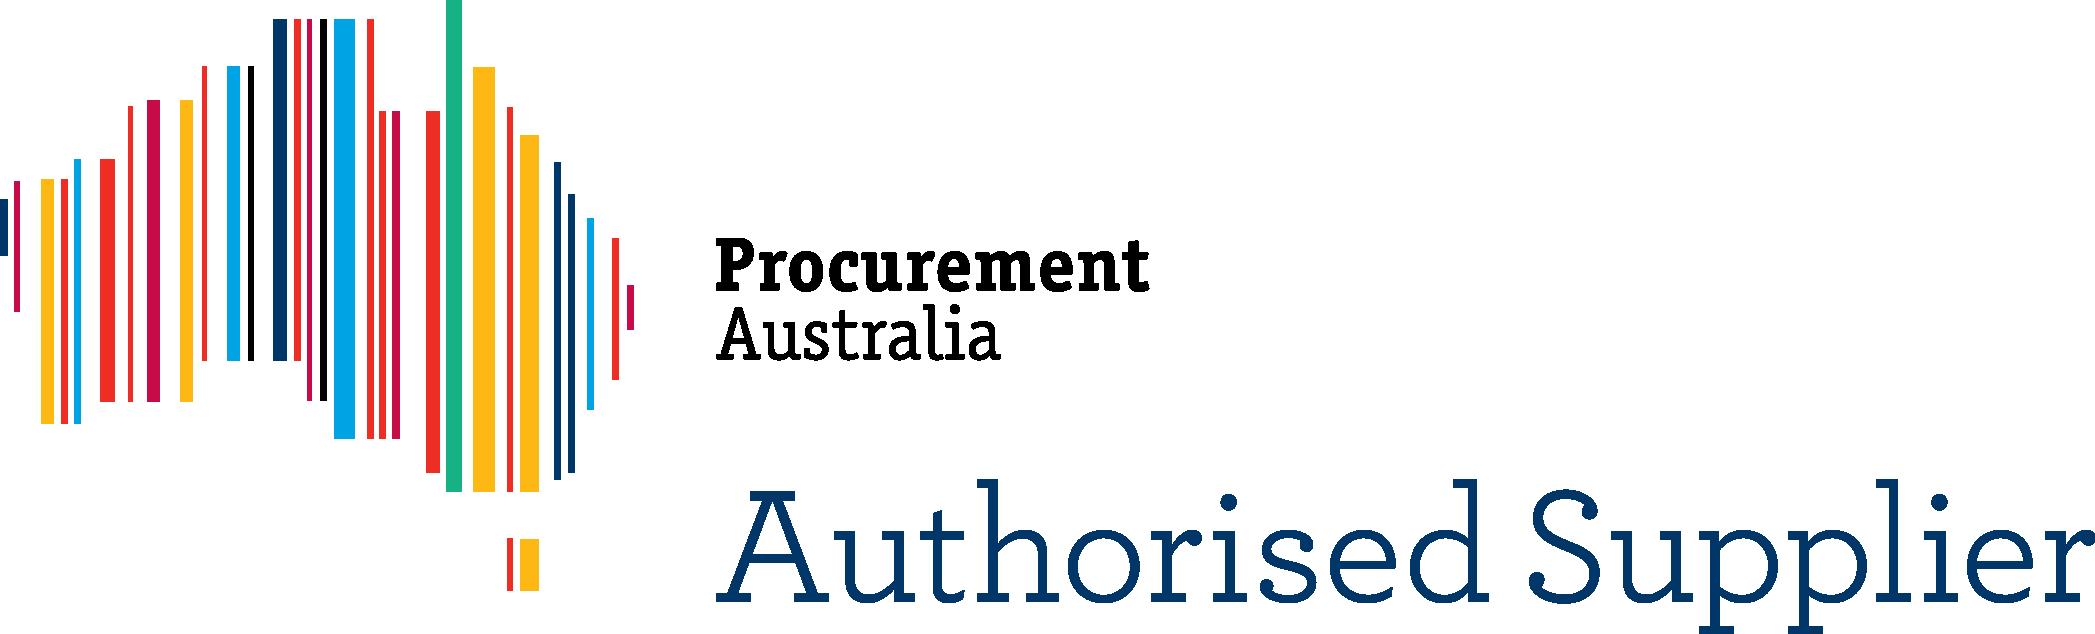 Procurement Australia ArPM Authorised Supplier